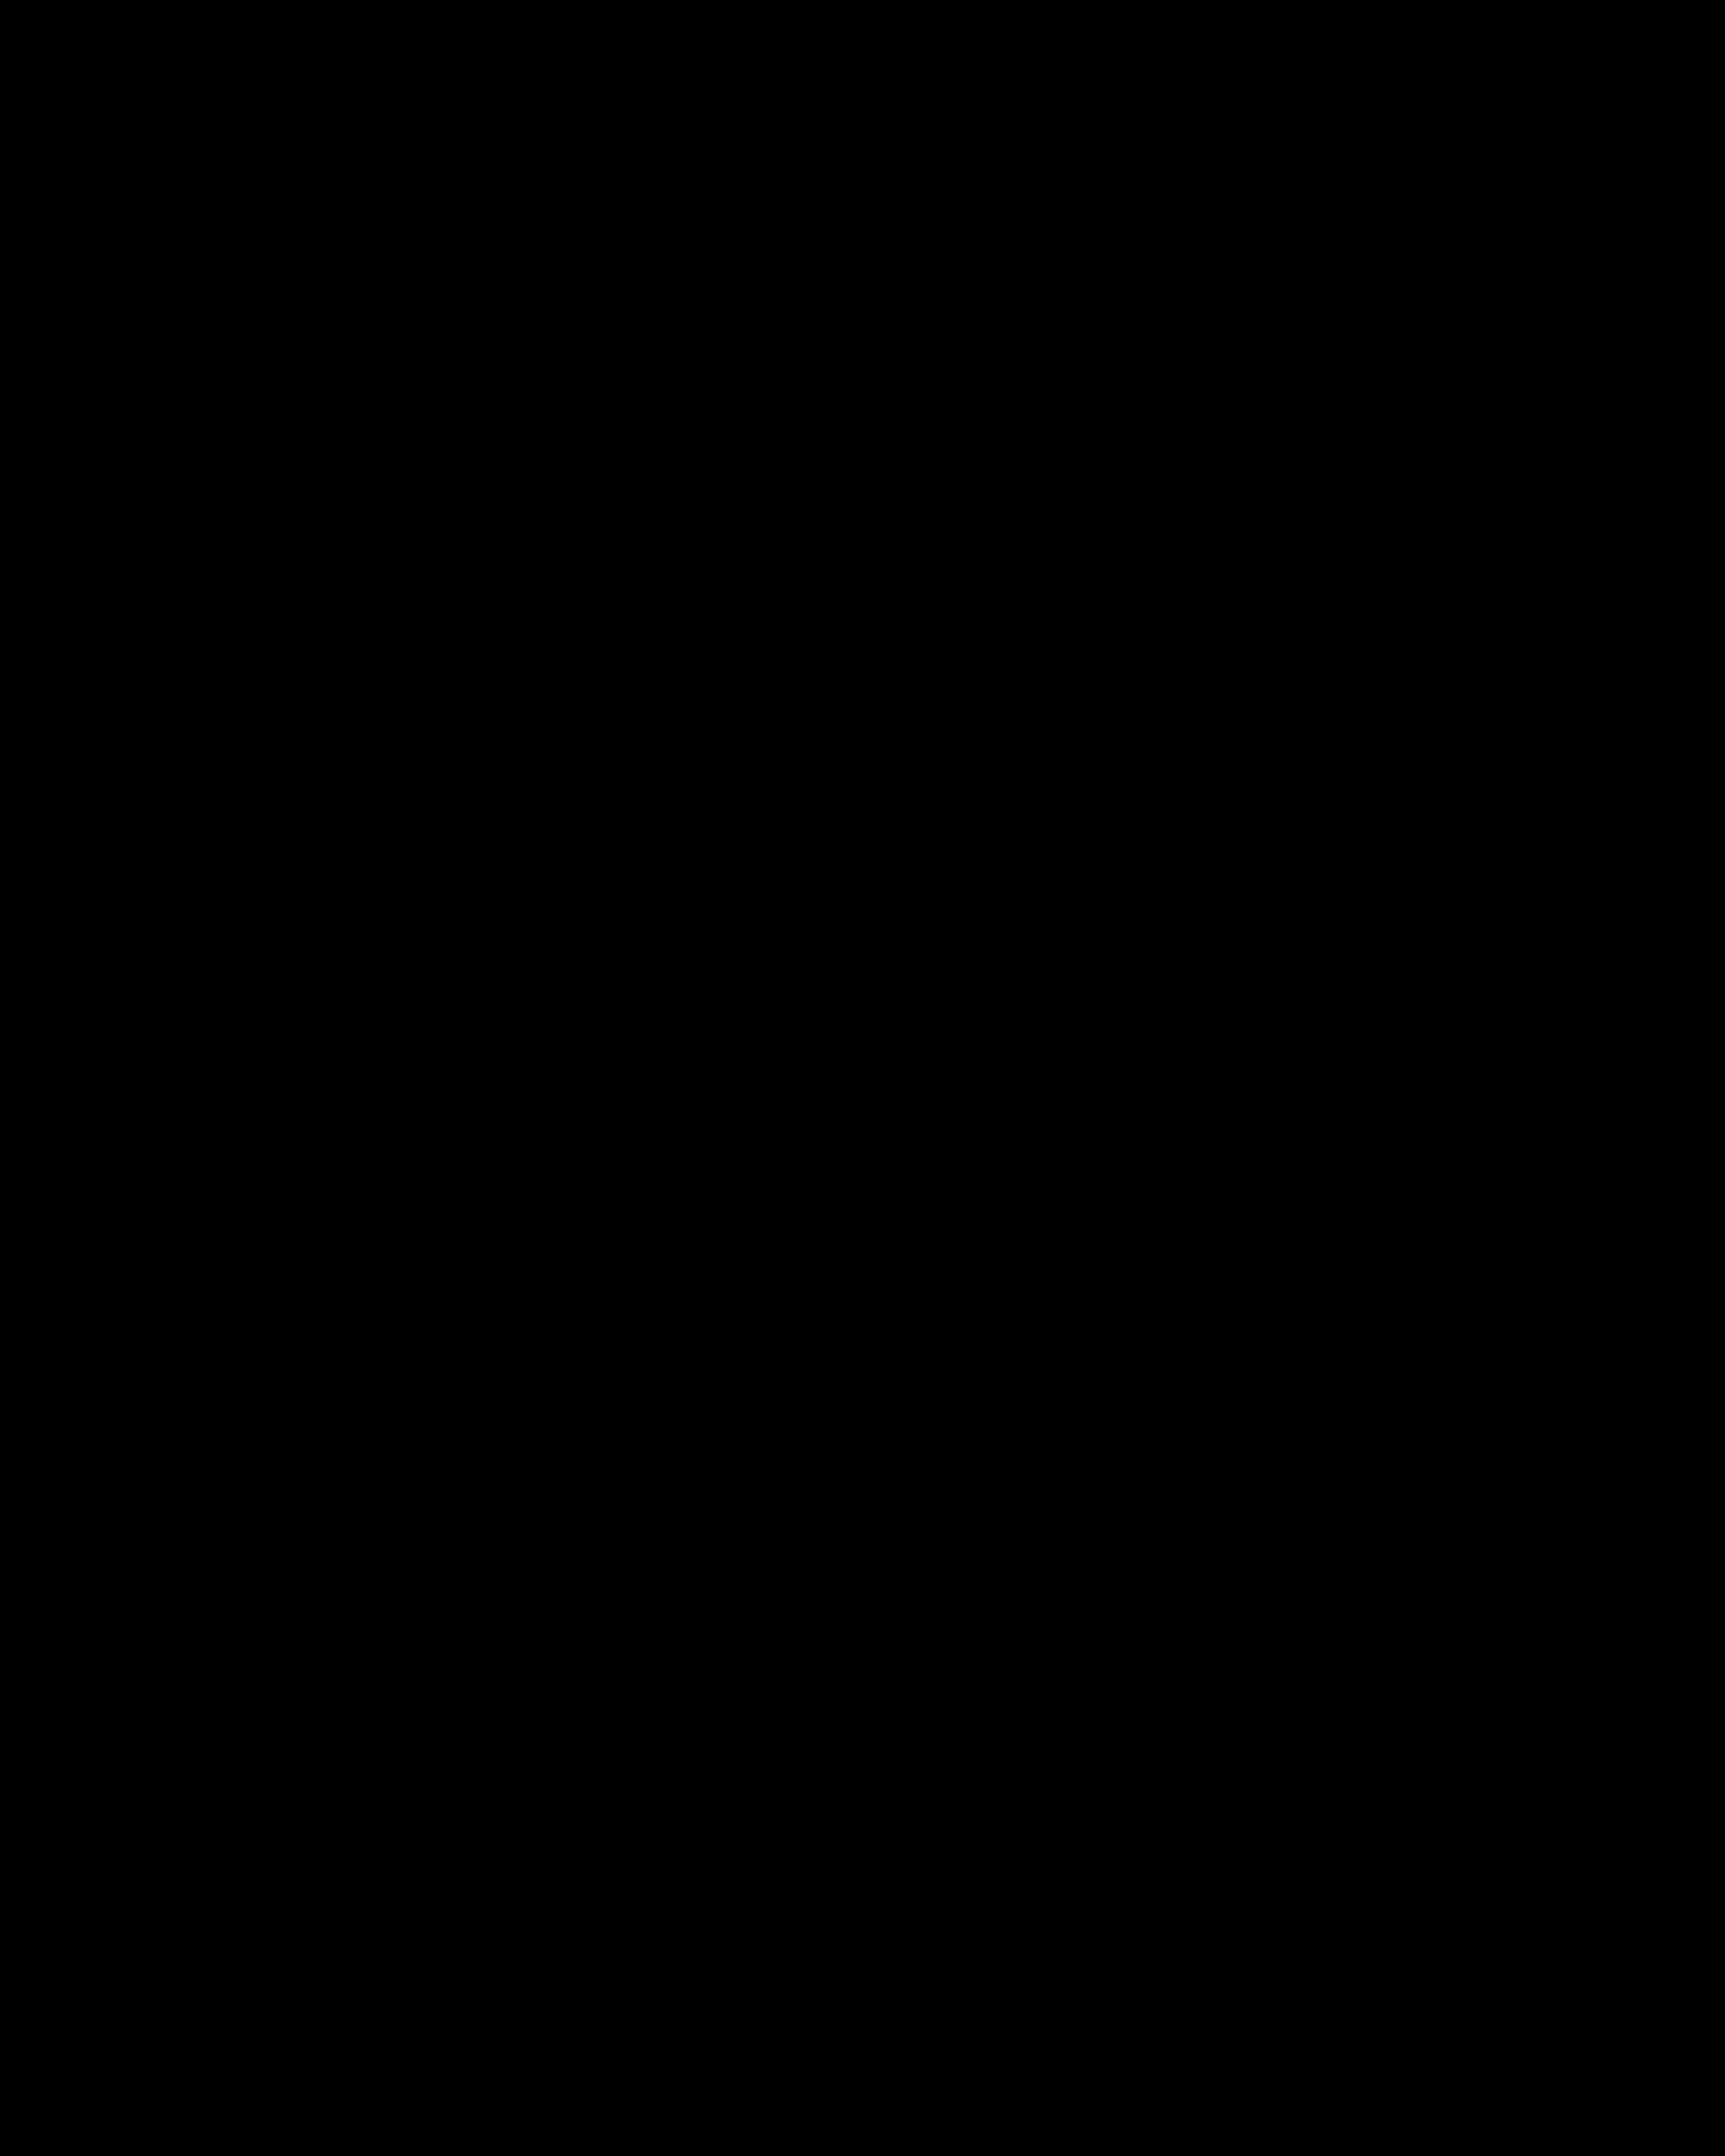 La novillada de Anchuelo del Circuito de Novilladas de Madrid se celebrará el 12 de junio